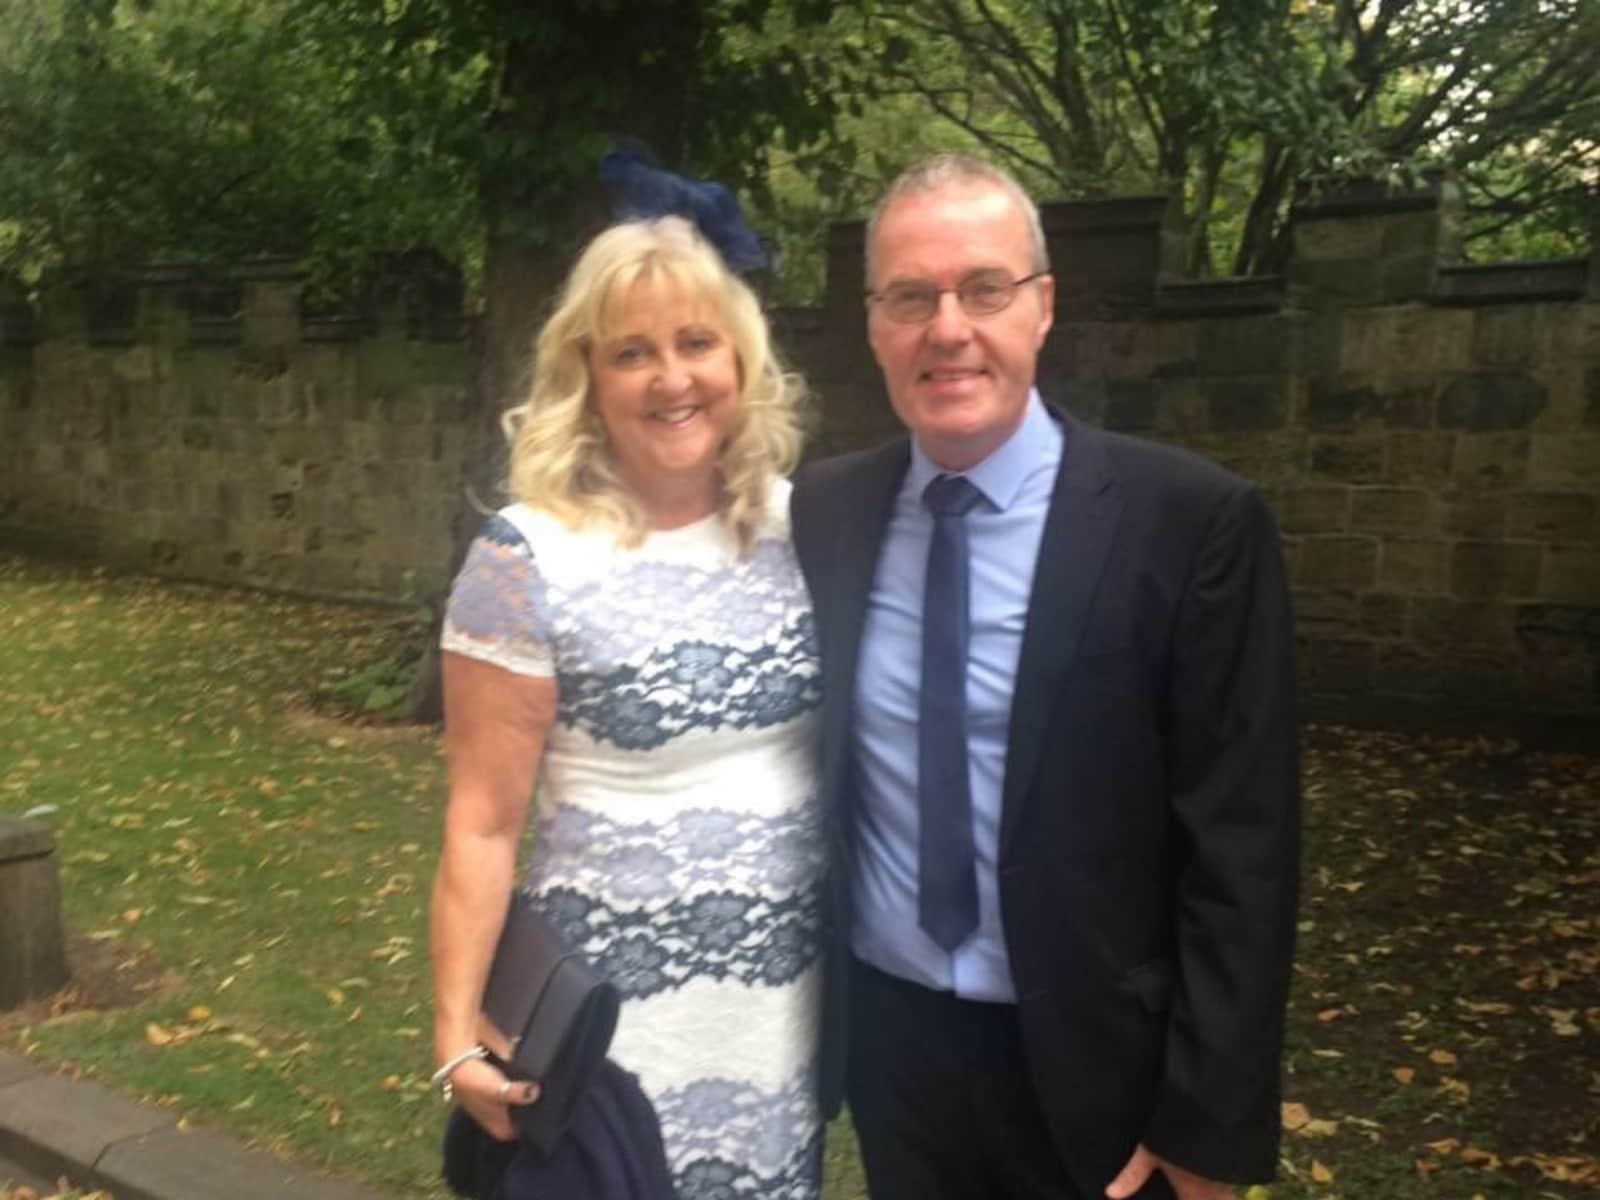 Denise & Shaun from Leeds, United Kingdom